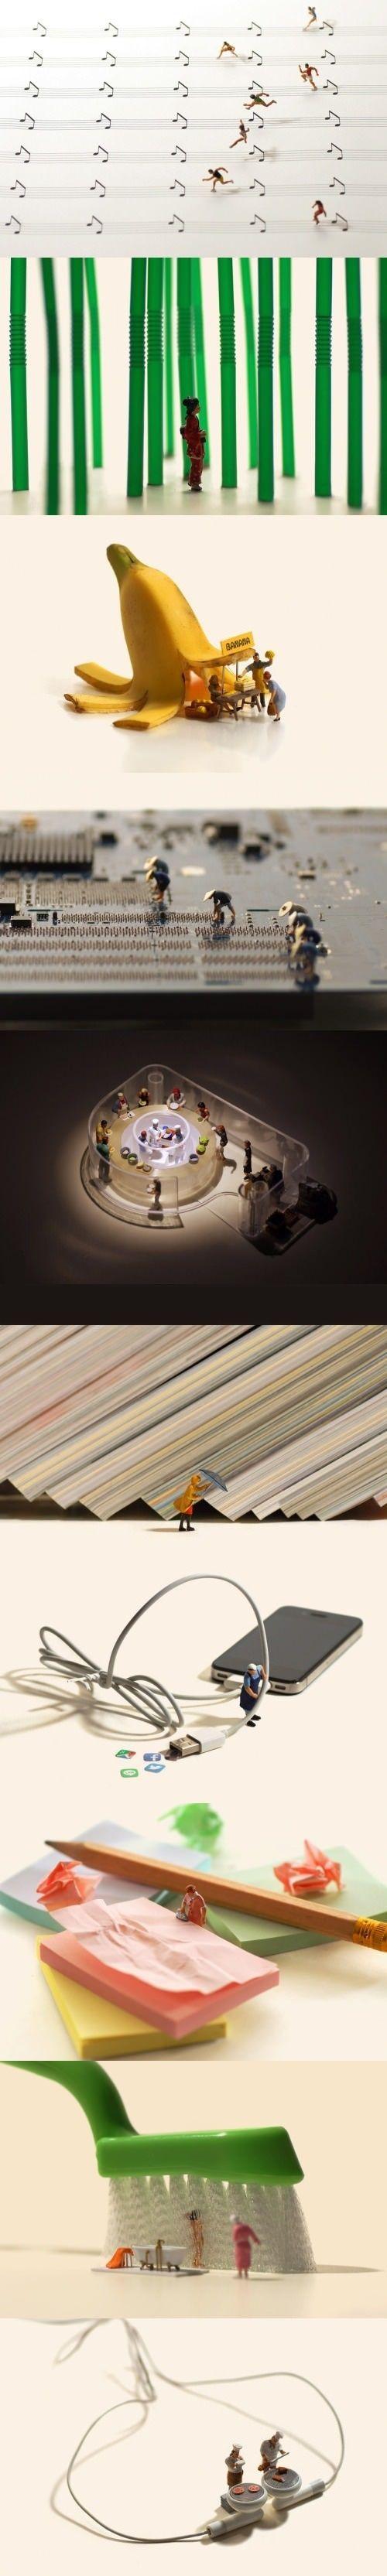 Diese Kunst ist winzig. Und ziemlich einfallsreich. Denn es nimmt alltägliche Objekte und macht sie zu alltäglichen Szenen, die aber nichts mit den Objekten (eigentlich) zu tun haben.